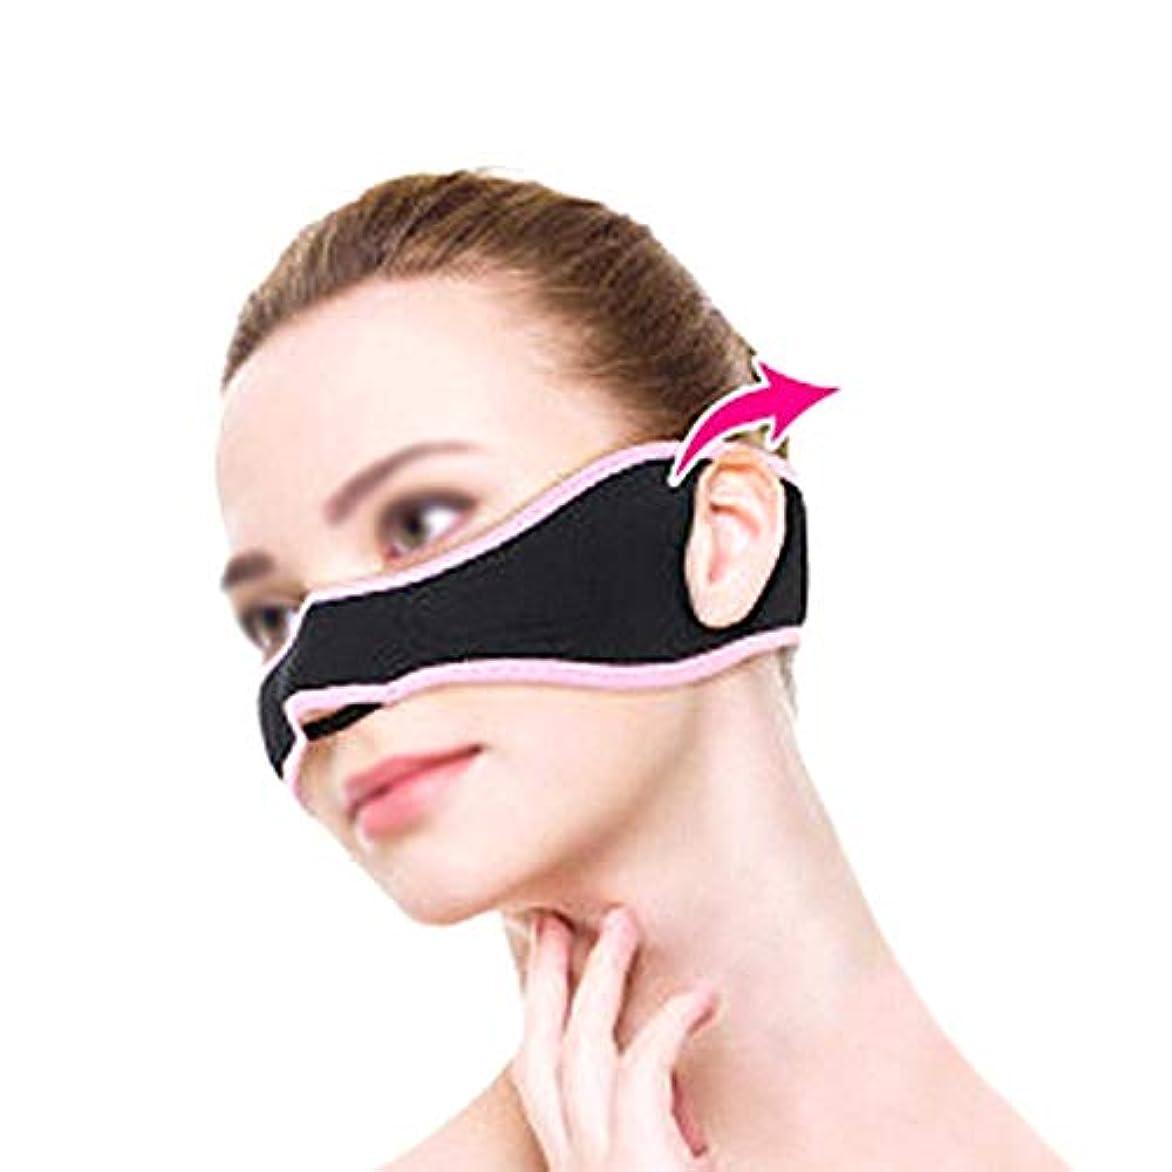 サミット本質的に滑るフェイスリフティングマスク、チークリフトアップマスク、薄くて薄い顔、顔の筋肉を引き締めて持ち上げ、持ち運びが簡単で、男性と女性の両方が使用できます